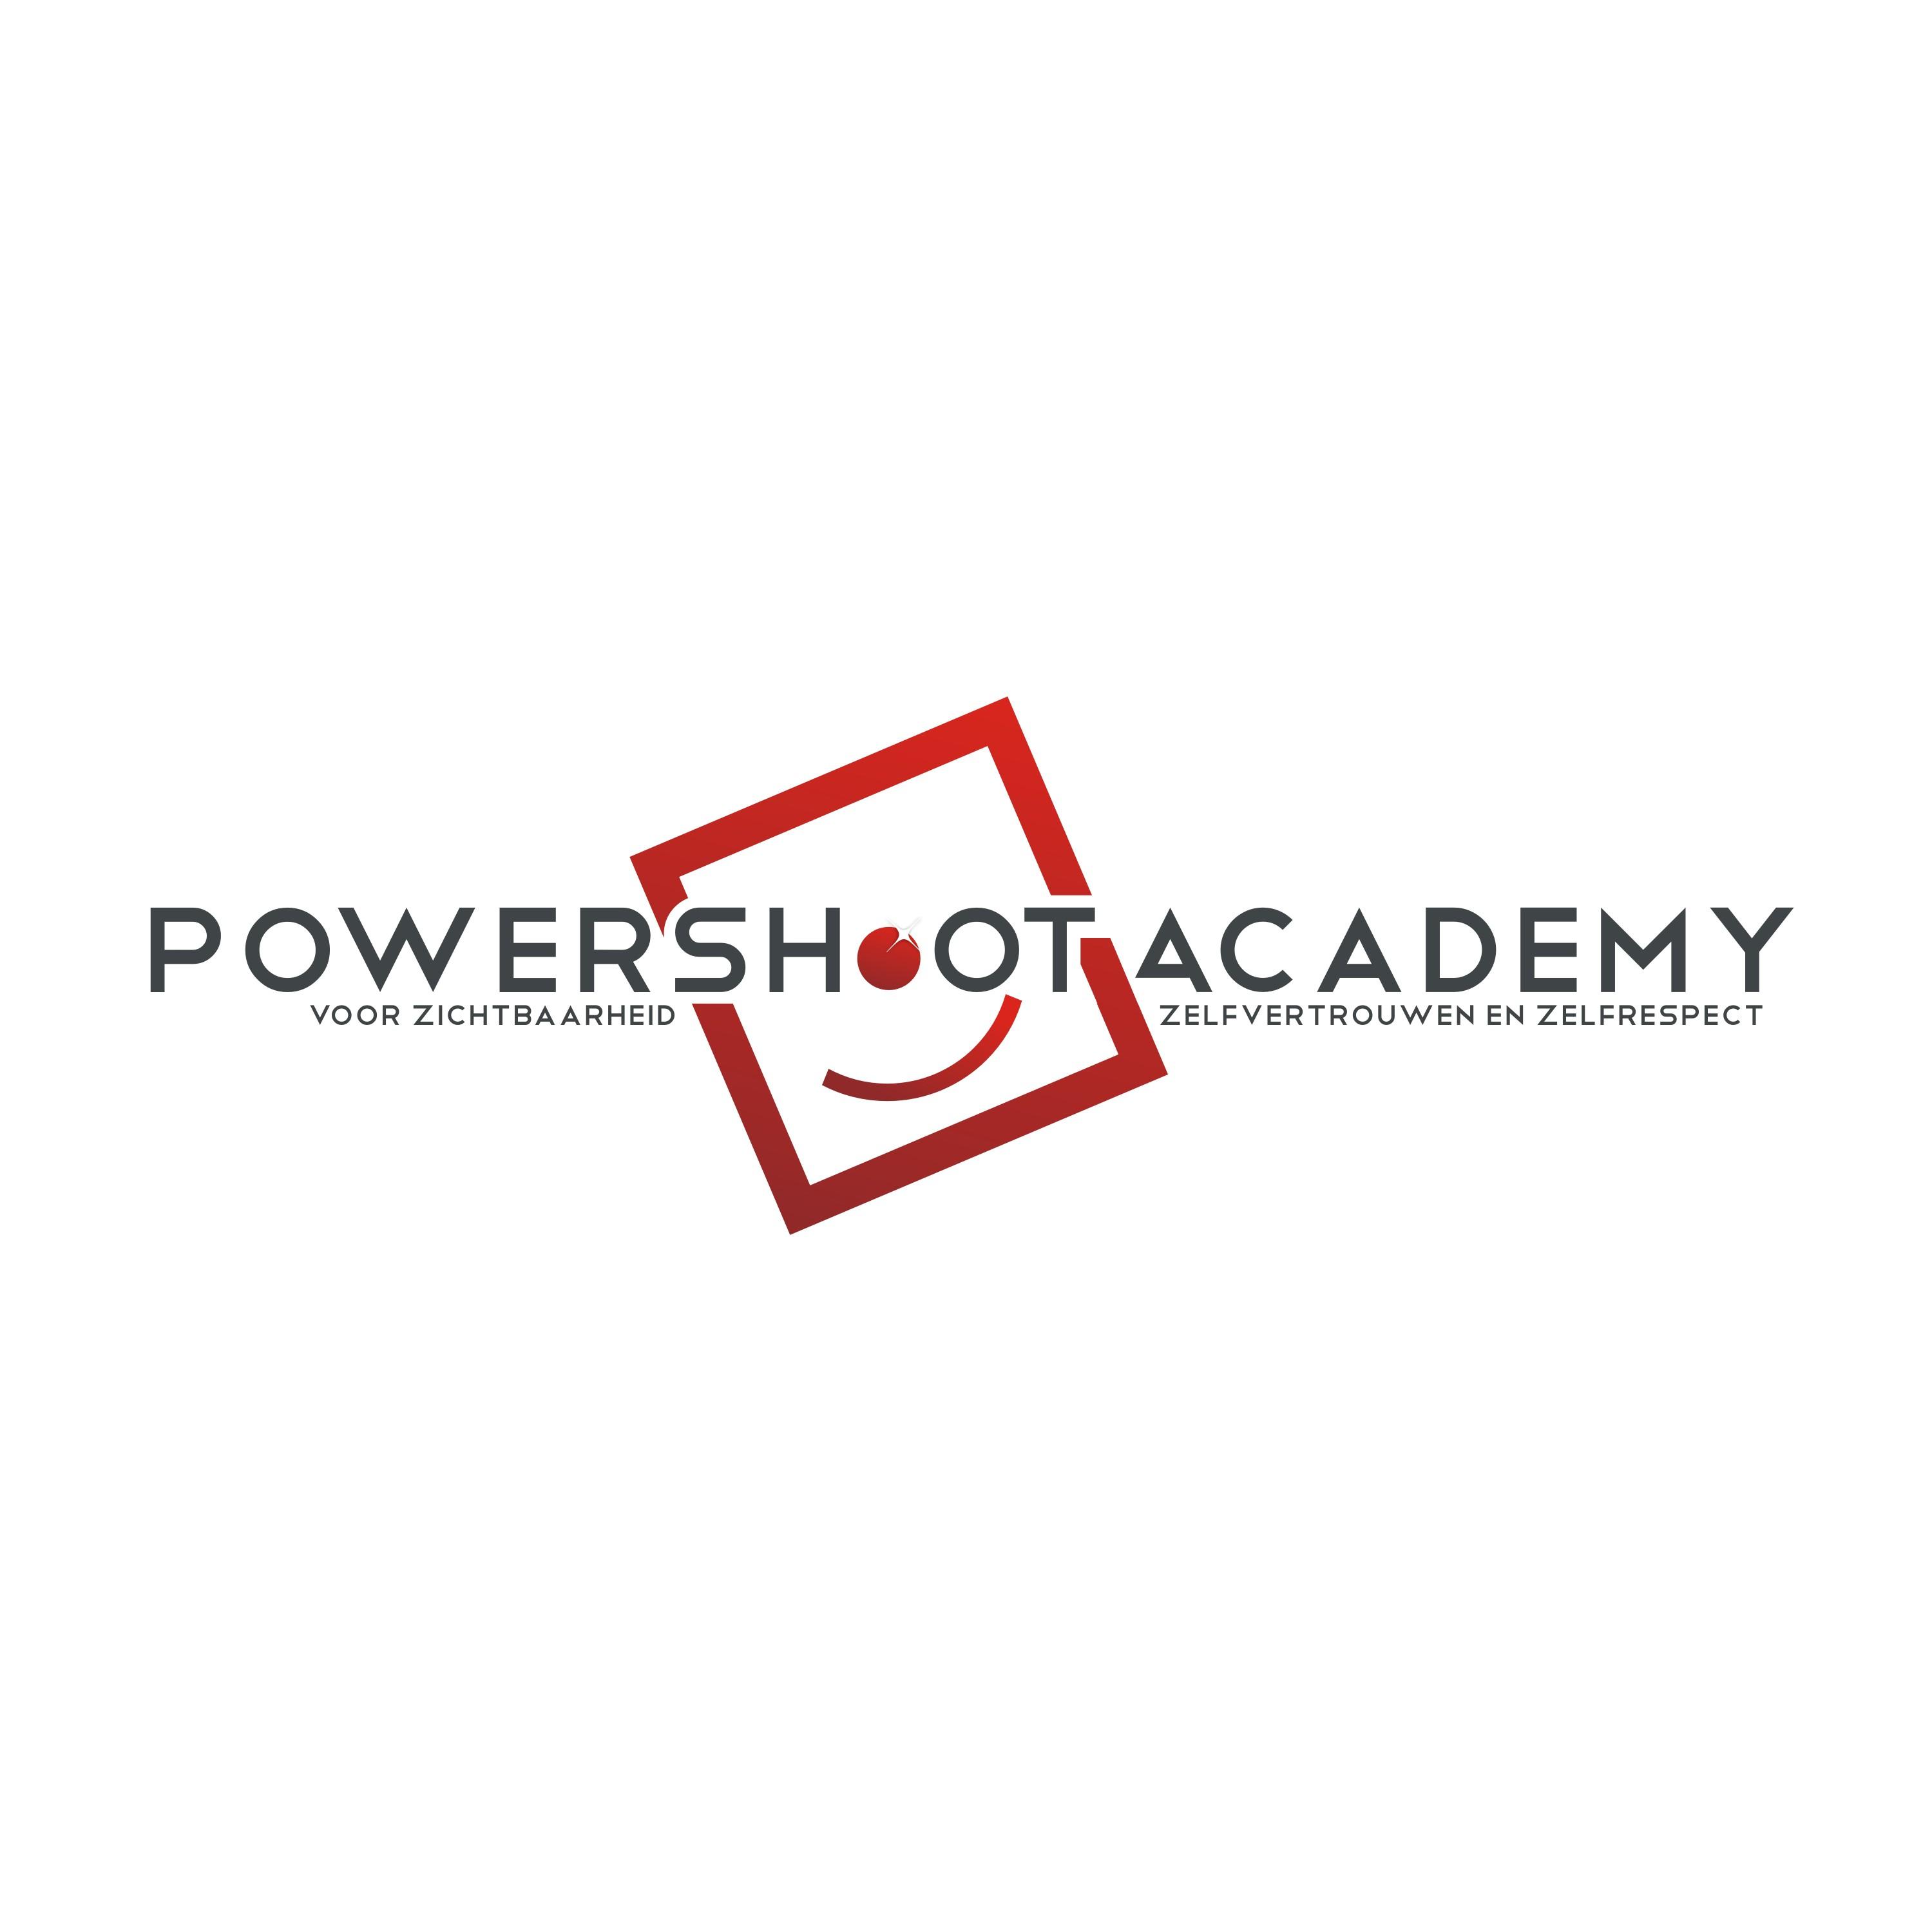 De Powershoot Academy zoekt logo dat haar kwaliteit, vernieuwing en exclusiviteit uitstraalt